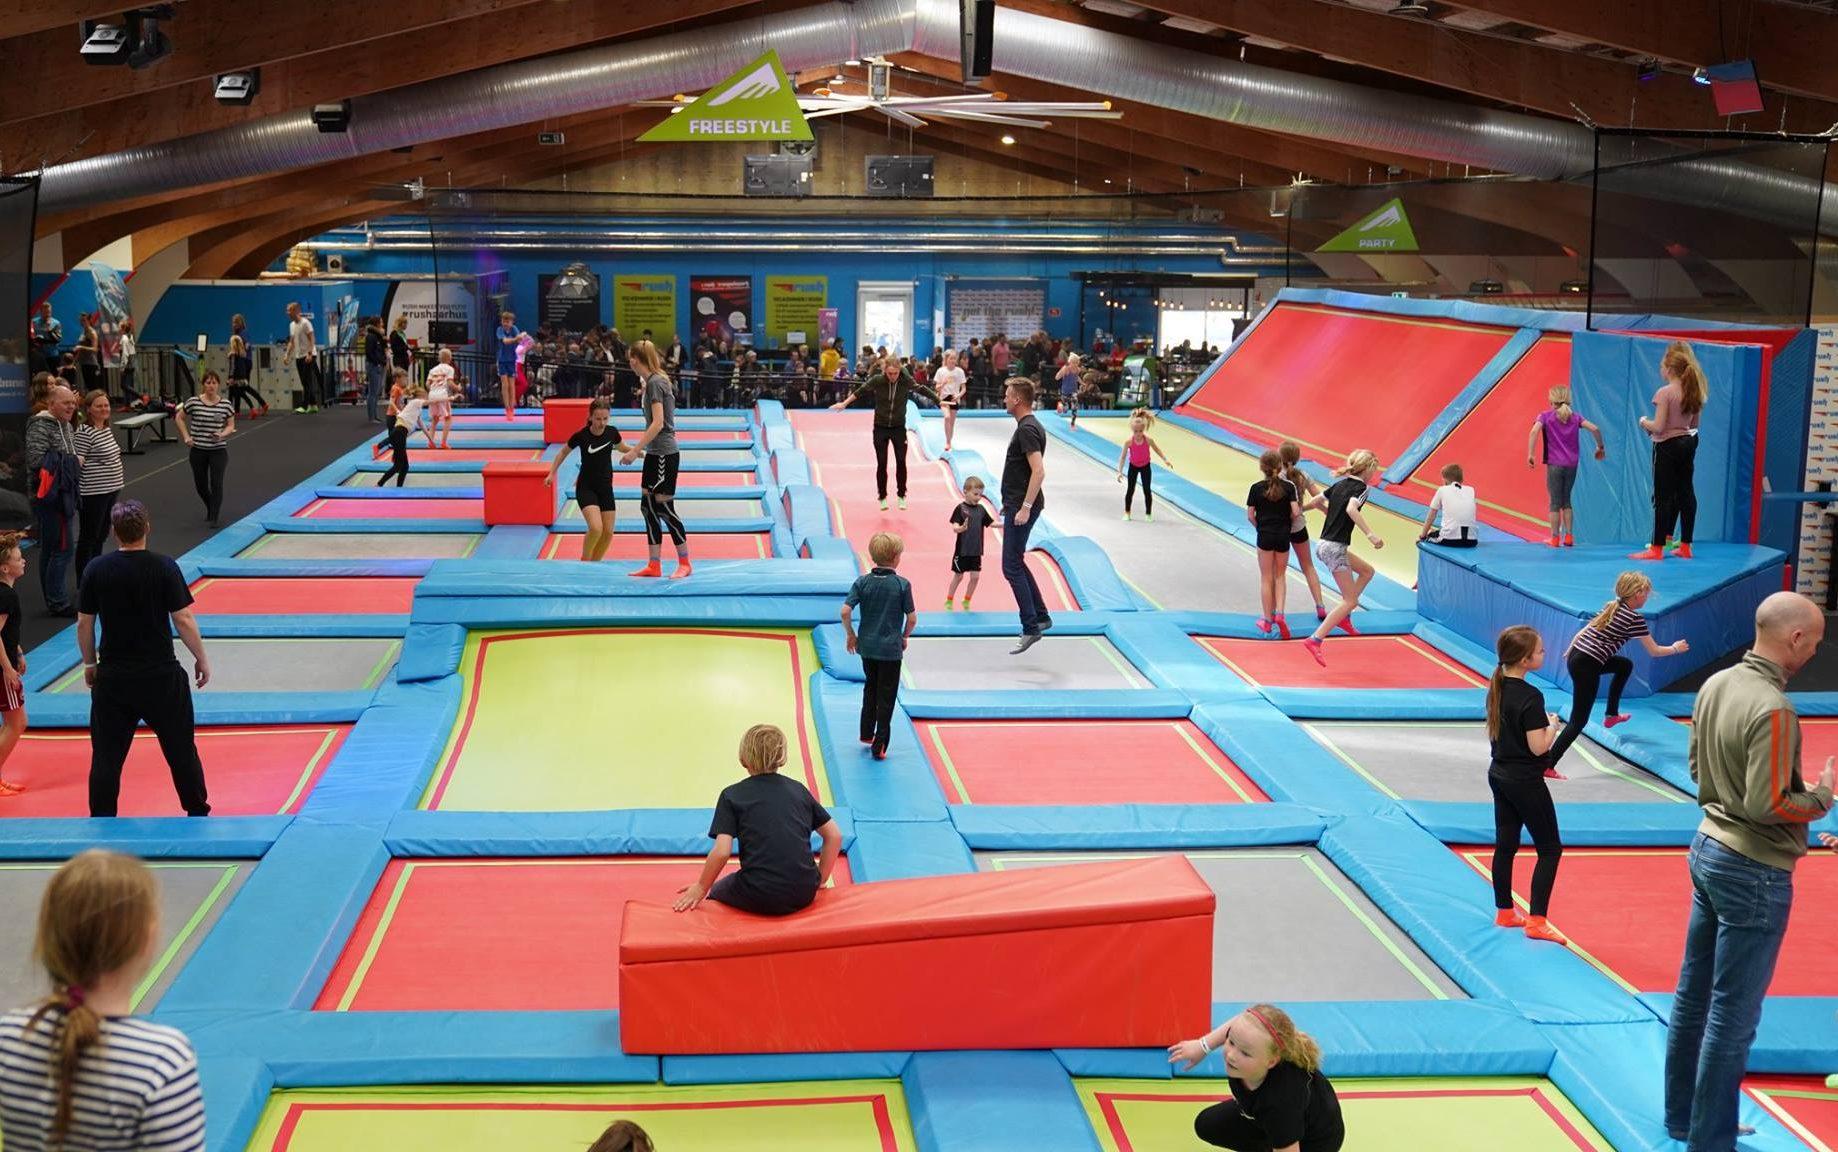 Børn skal også have mulighed for at have det sjovt igennem Djurslands Bank, og derfor holder de også arrangementer, der er henvendt til børnfamilier, gennem Safeticket